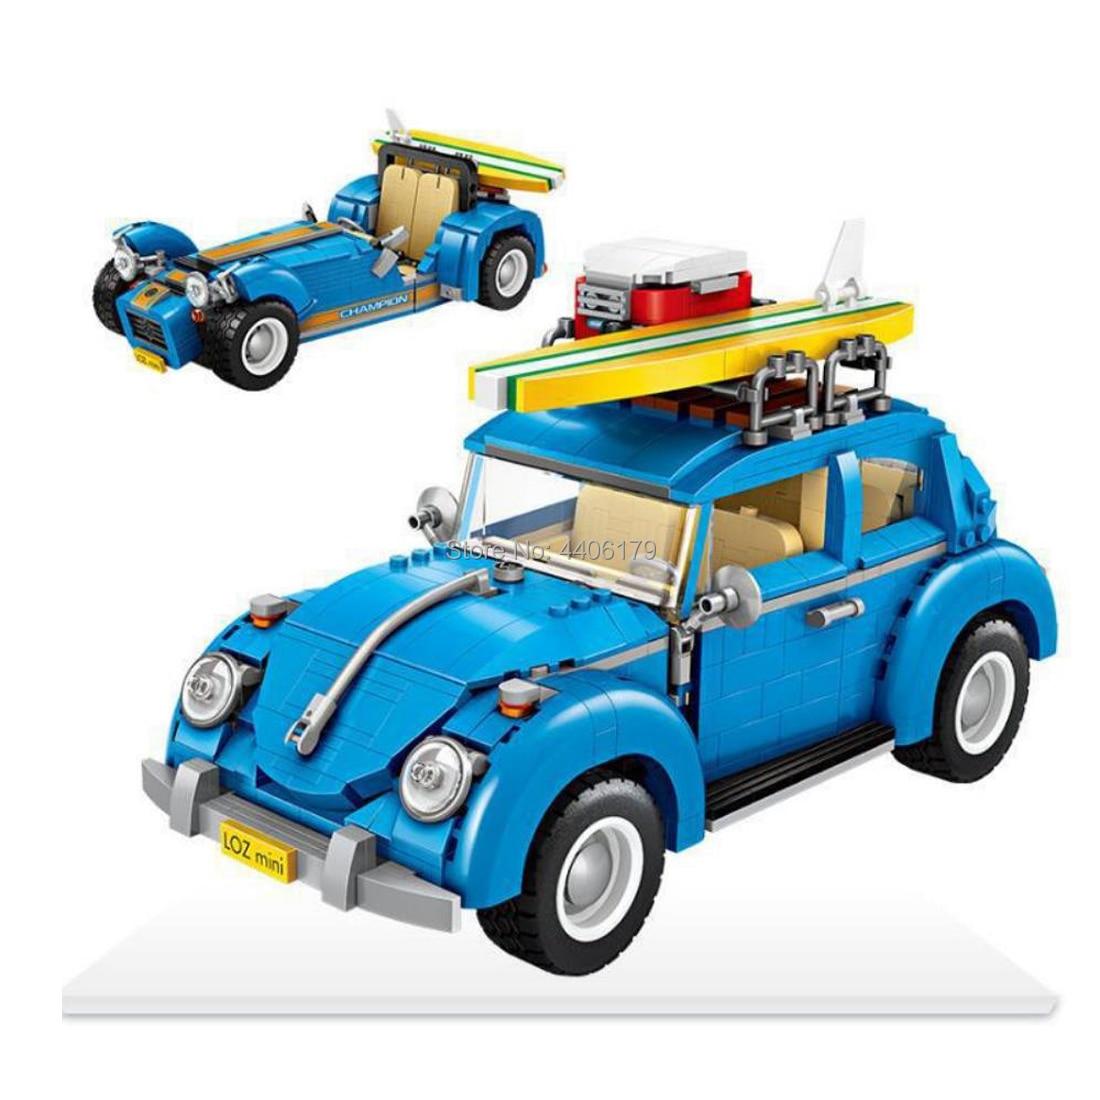 Hot LegoINGlys technic créateur ville 2in1 VW Beetle véhicules Caterham MOC mini blocs de construction modèle brique jouets pour enfants cadeau